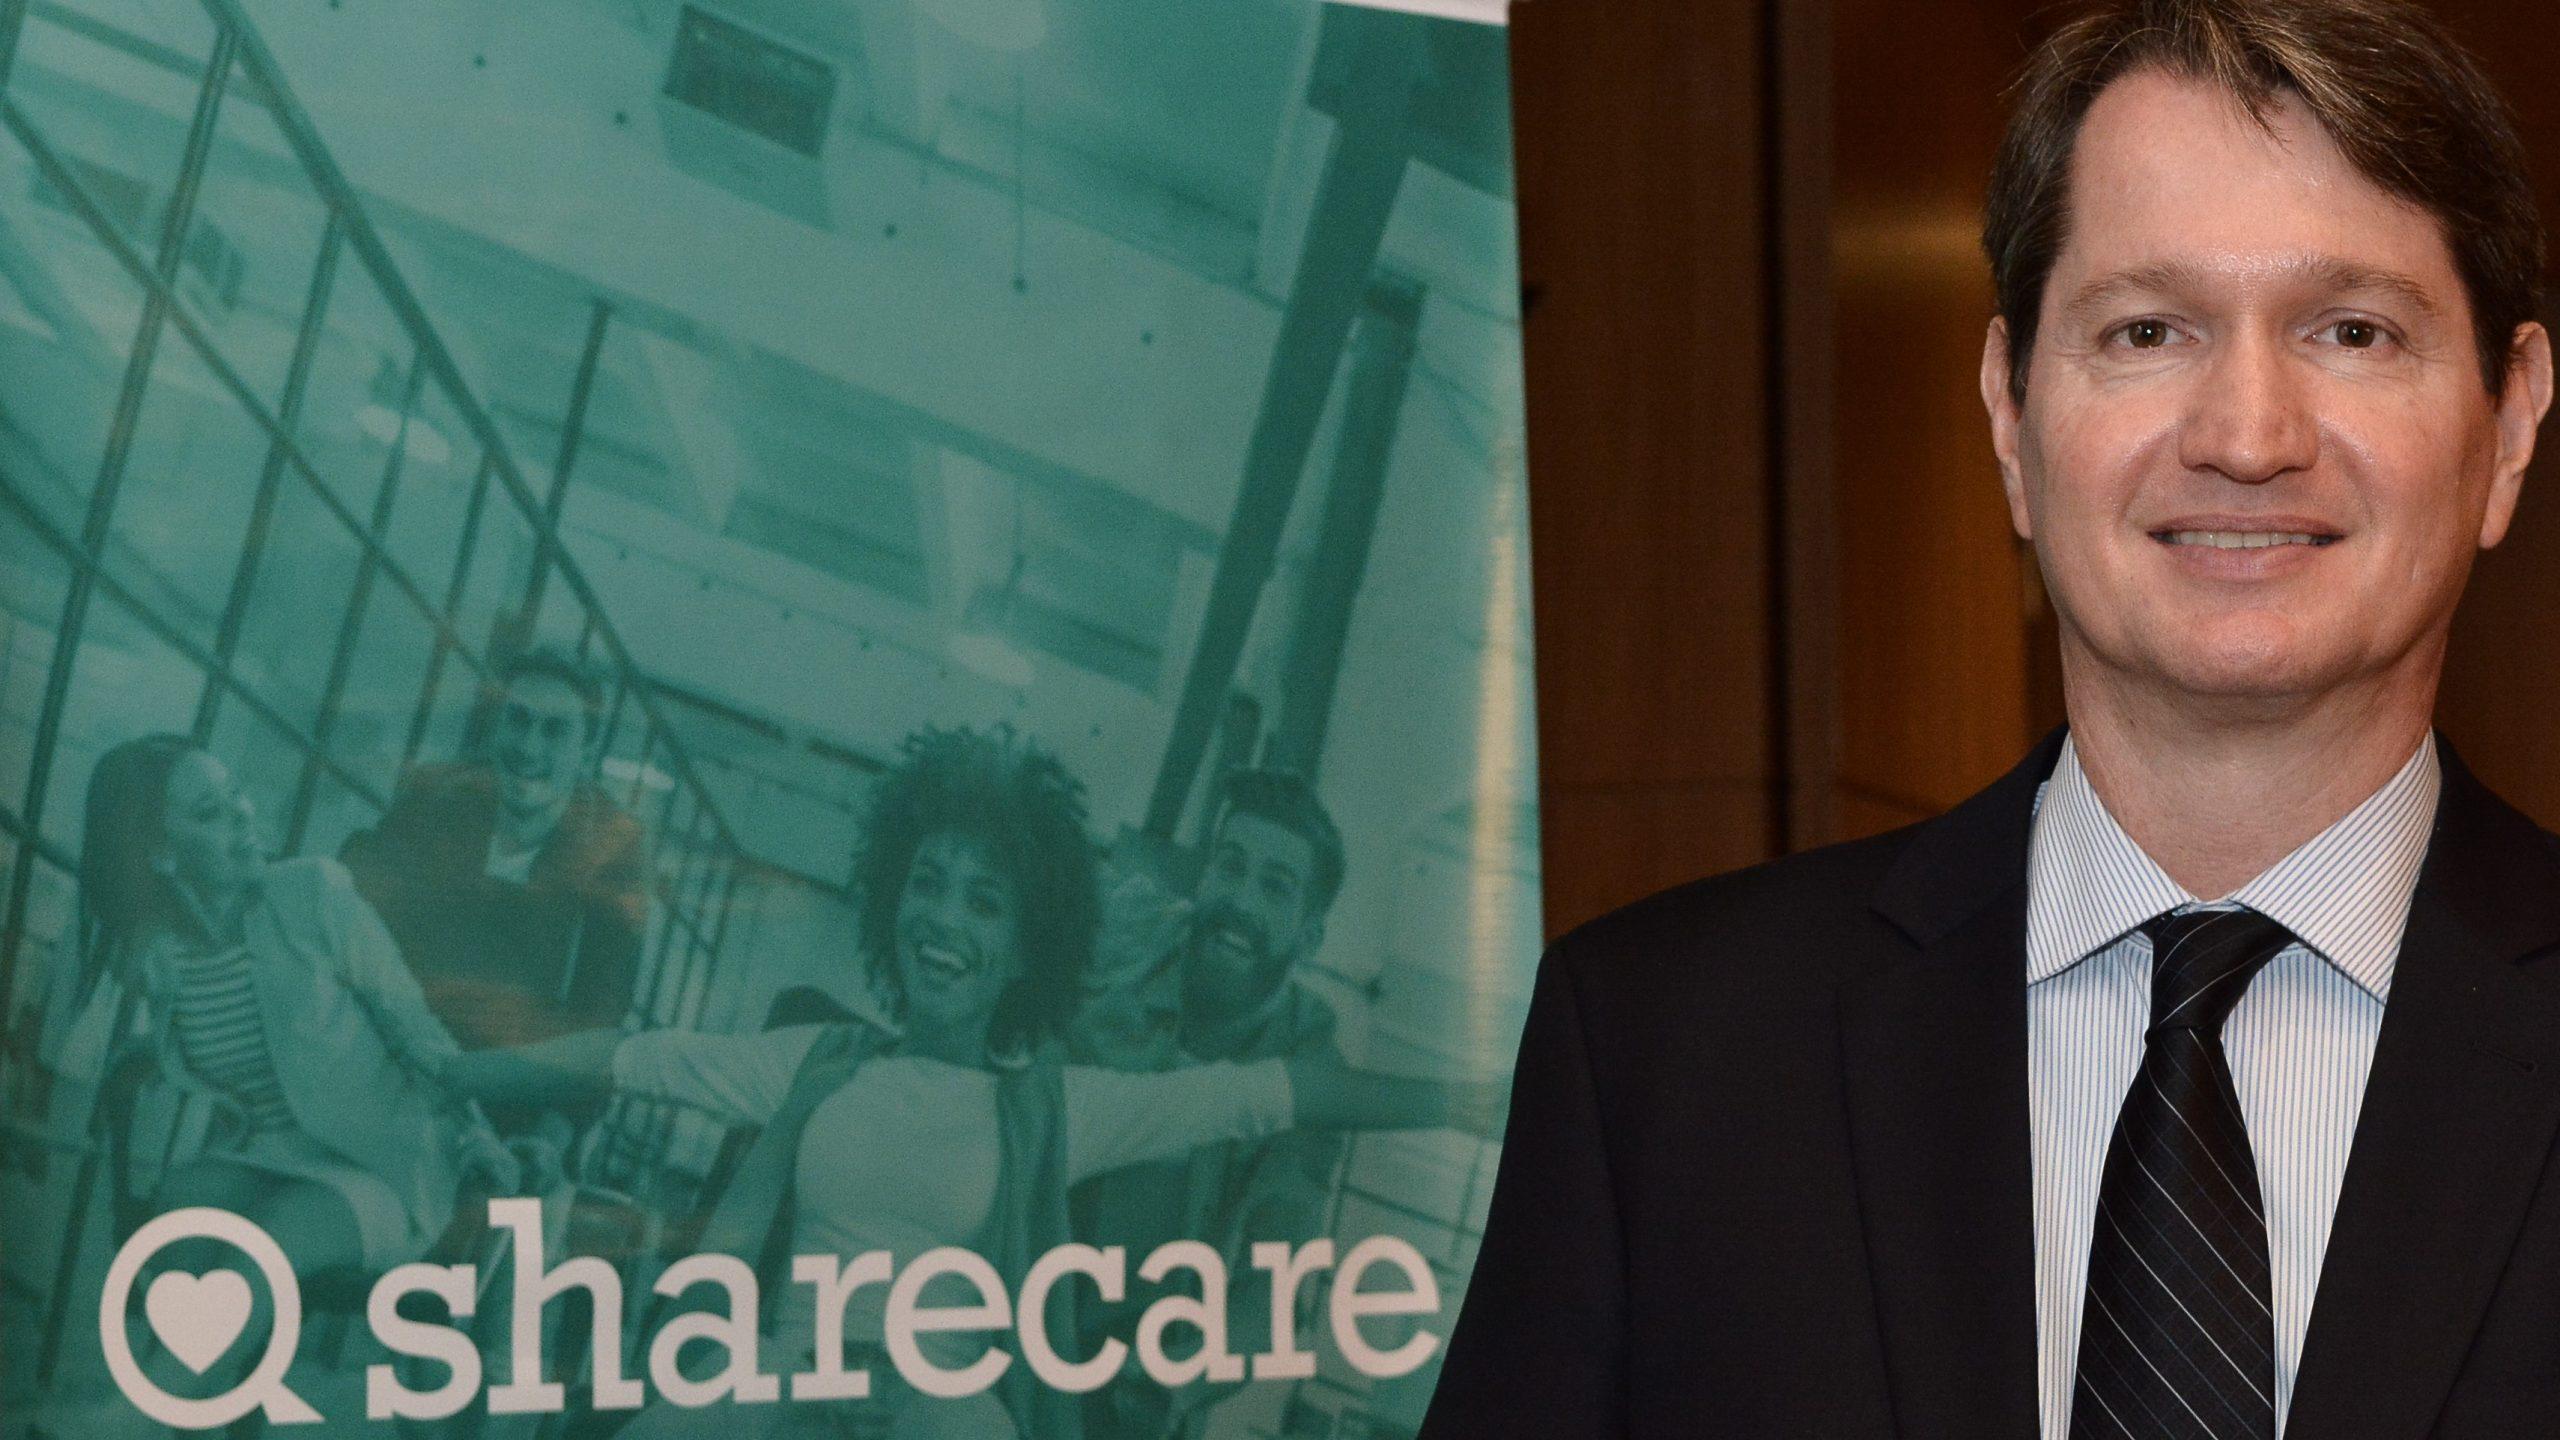 Nicolas Toth é CEO da Sharecare / Divulgação